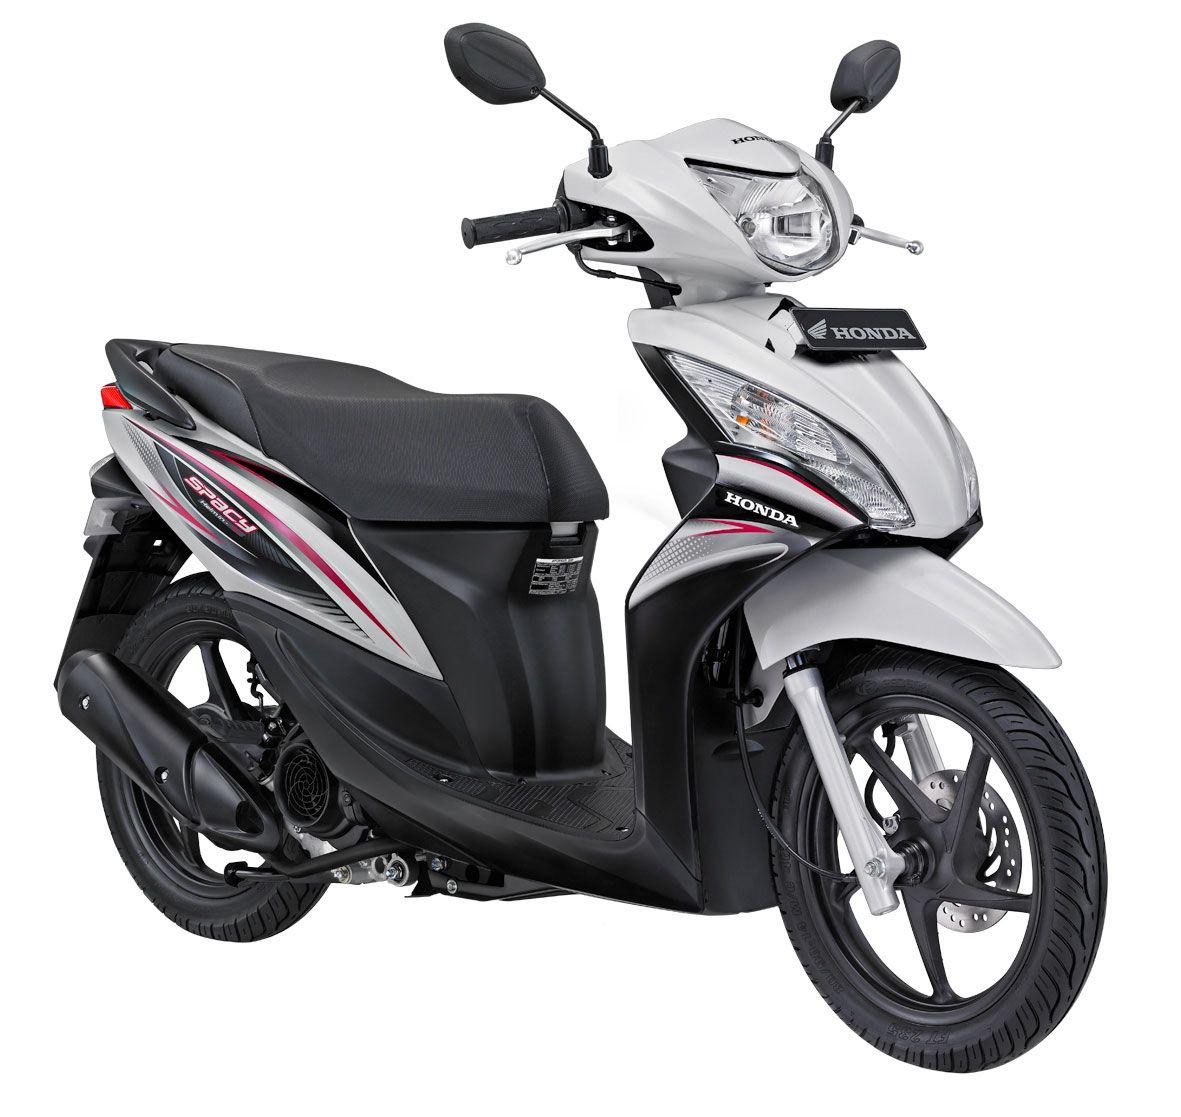 Harga Dan Spesifikasi Honda Spacy Helm In PGM FI Mei 2015